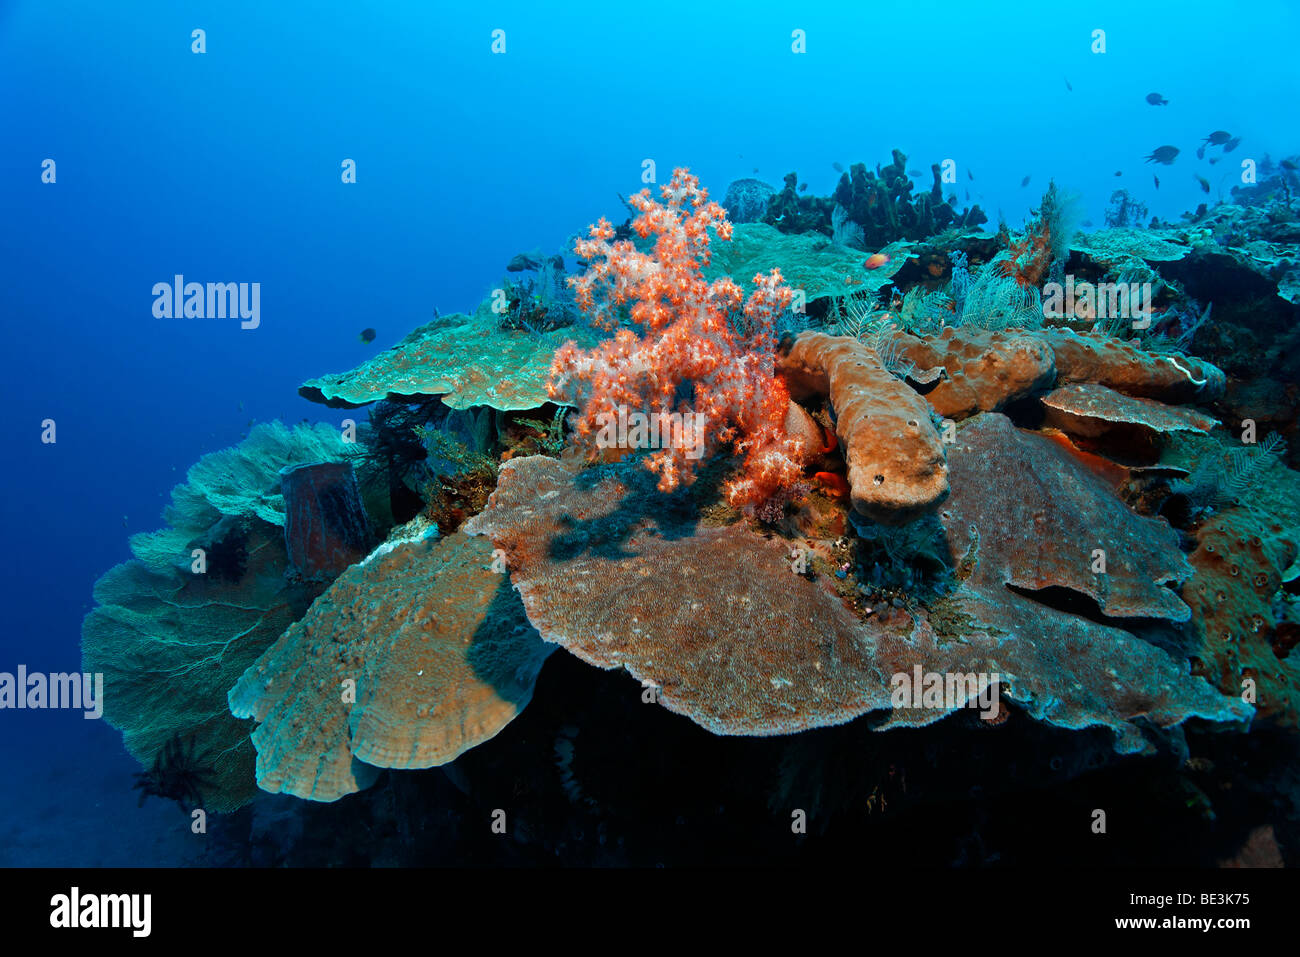 Arrecifes de coral con diferentes tipos de corales, Kuda, Bali, Indonesia, del Océano Pacífico Foto de stock